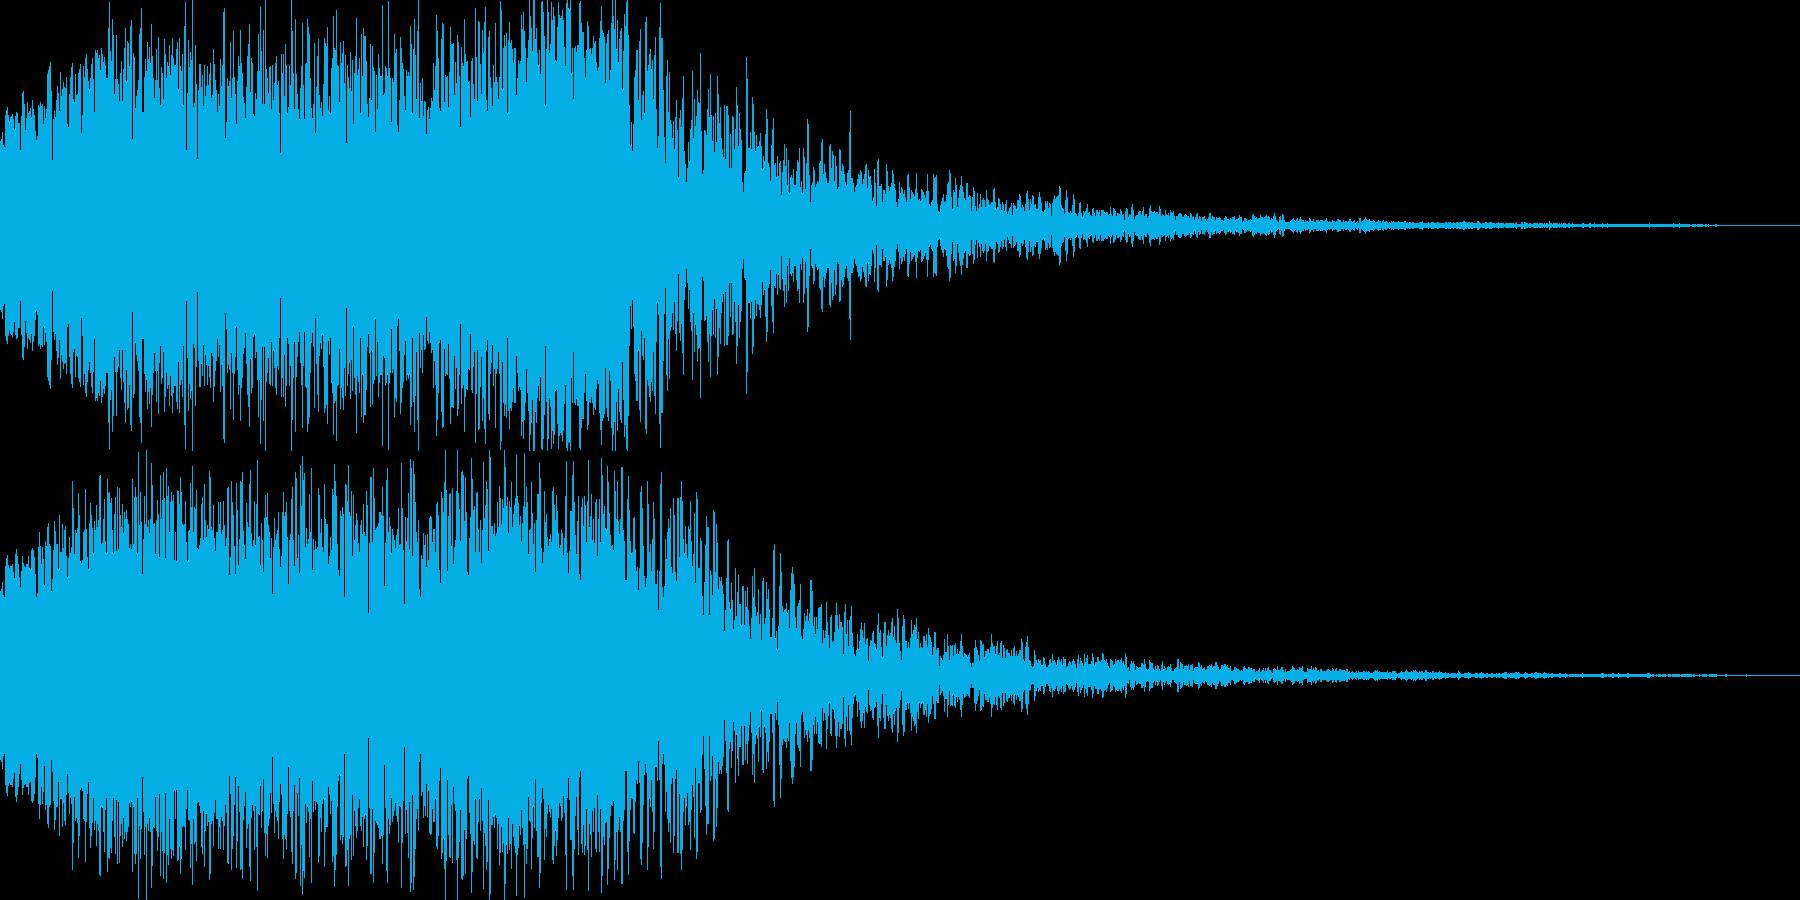 夜空に響く空襲警報的なイメージの音の再生済みの波形